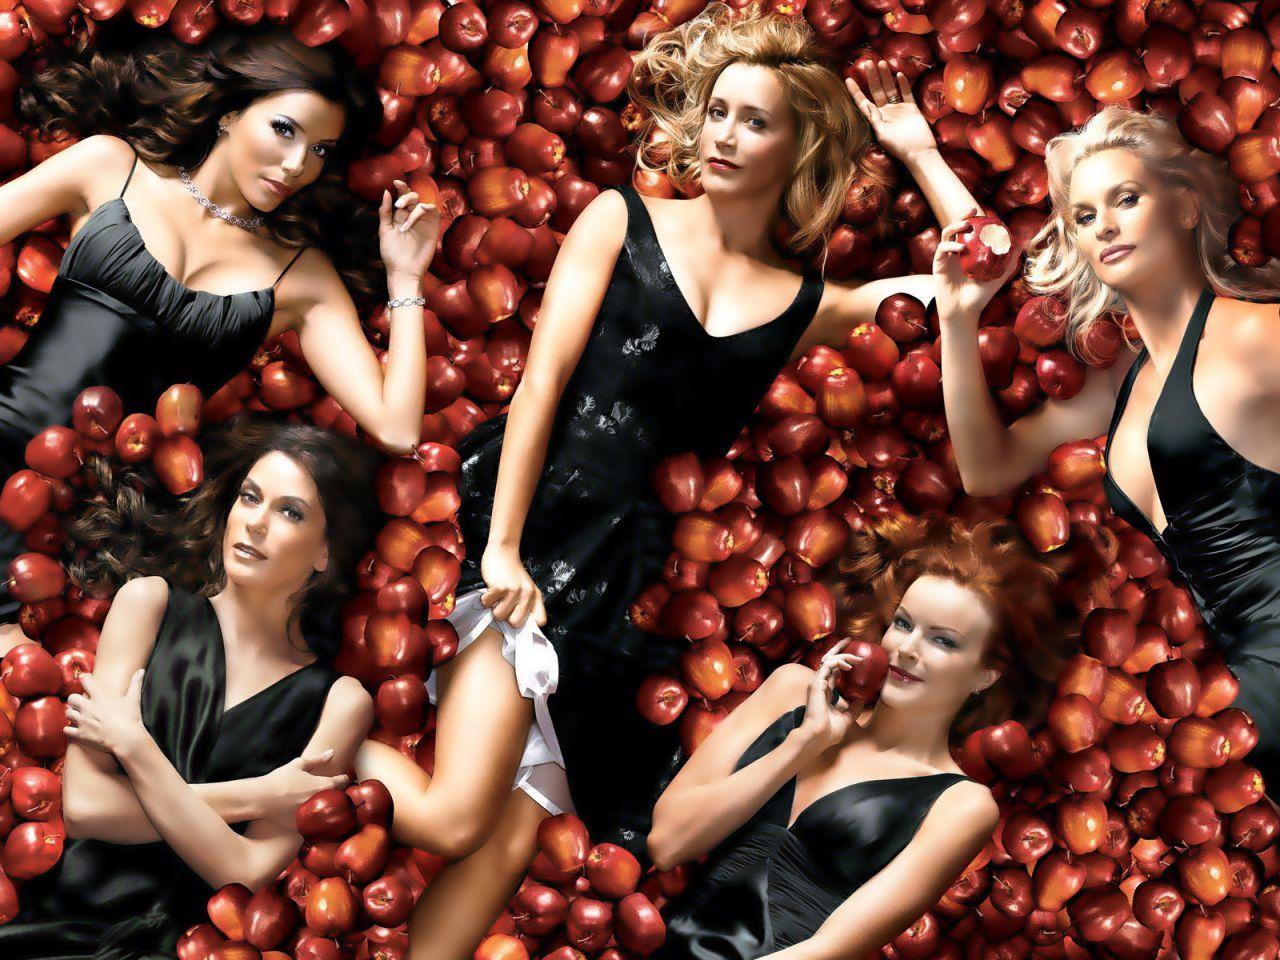 Фото галереи молодых домохозяек, косметика мери кей продажа в москве